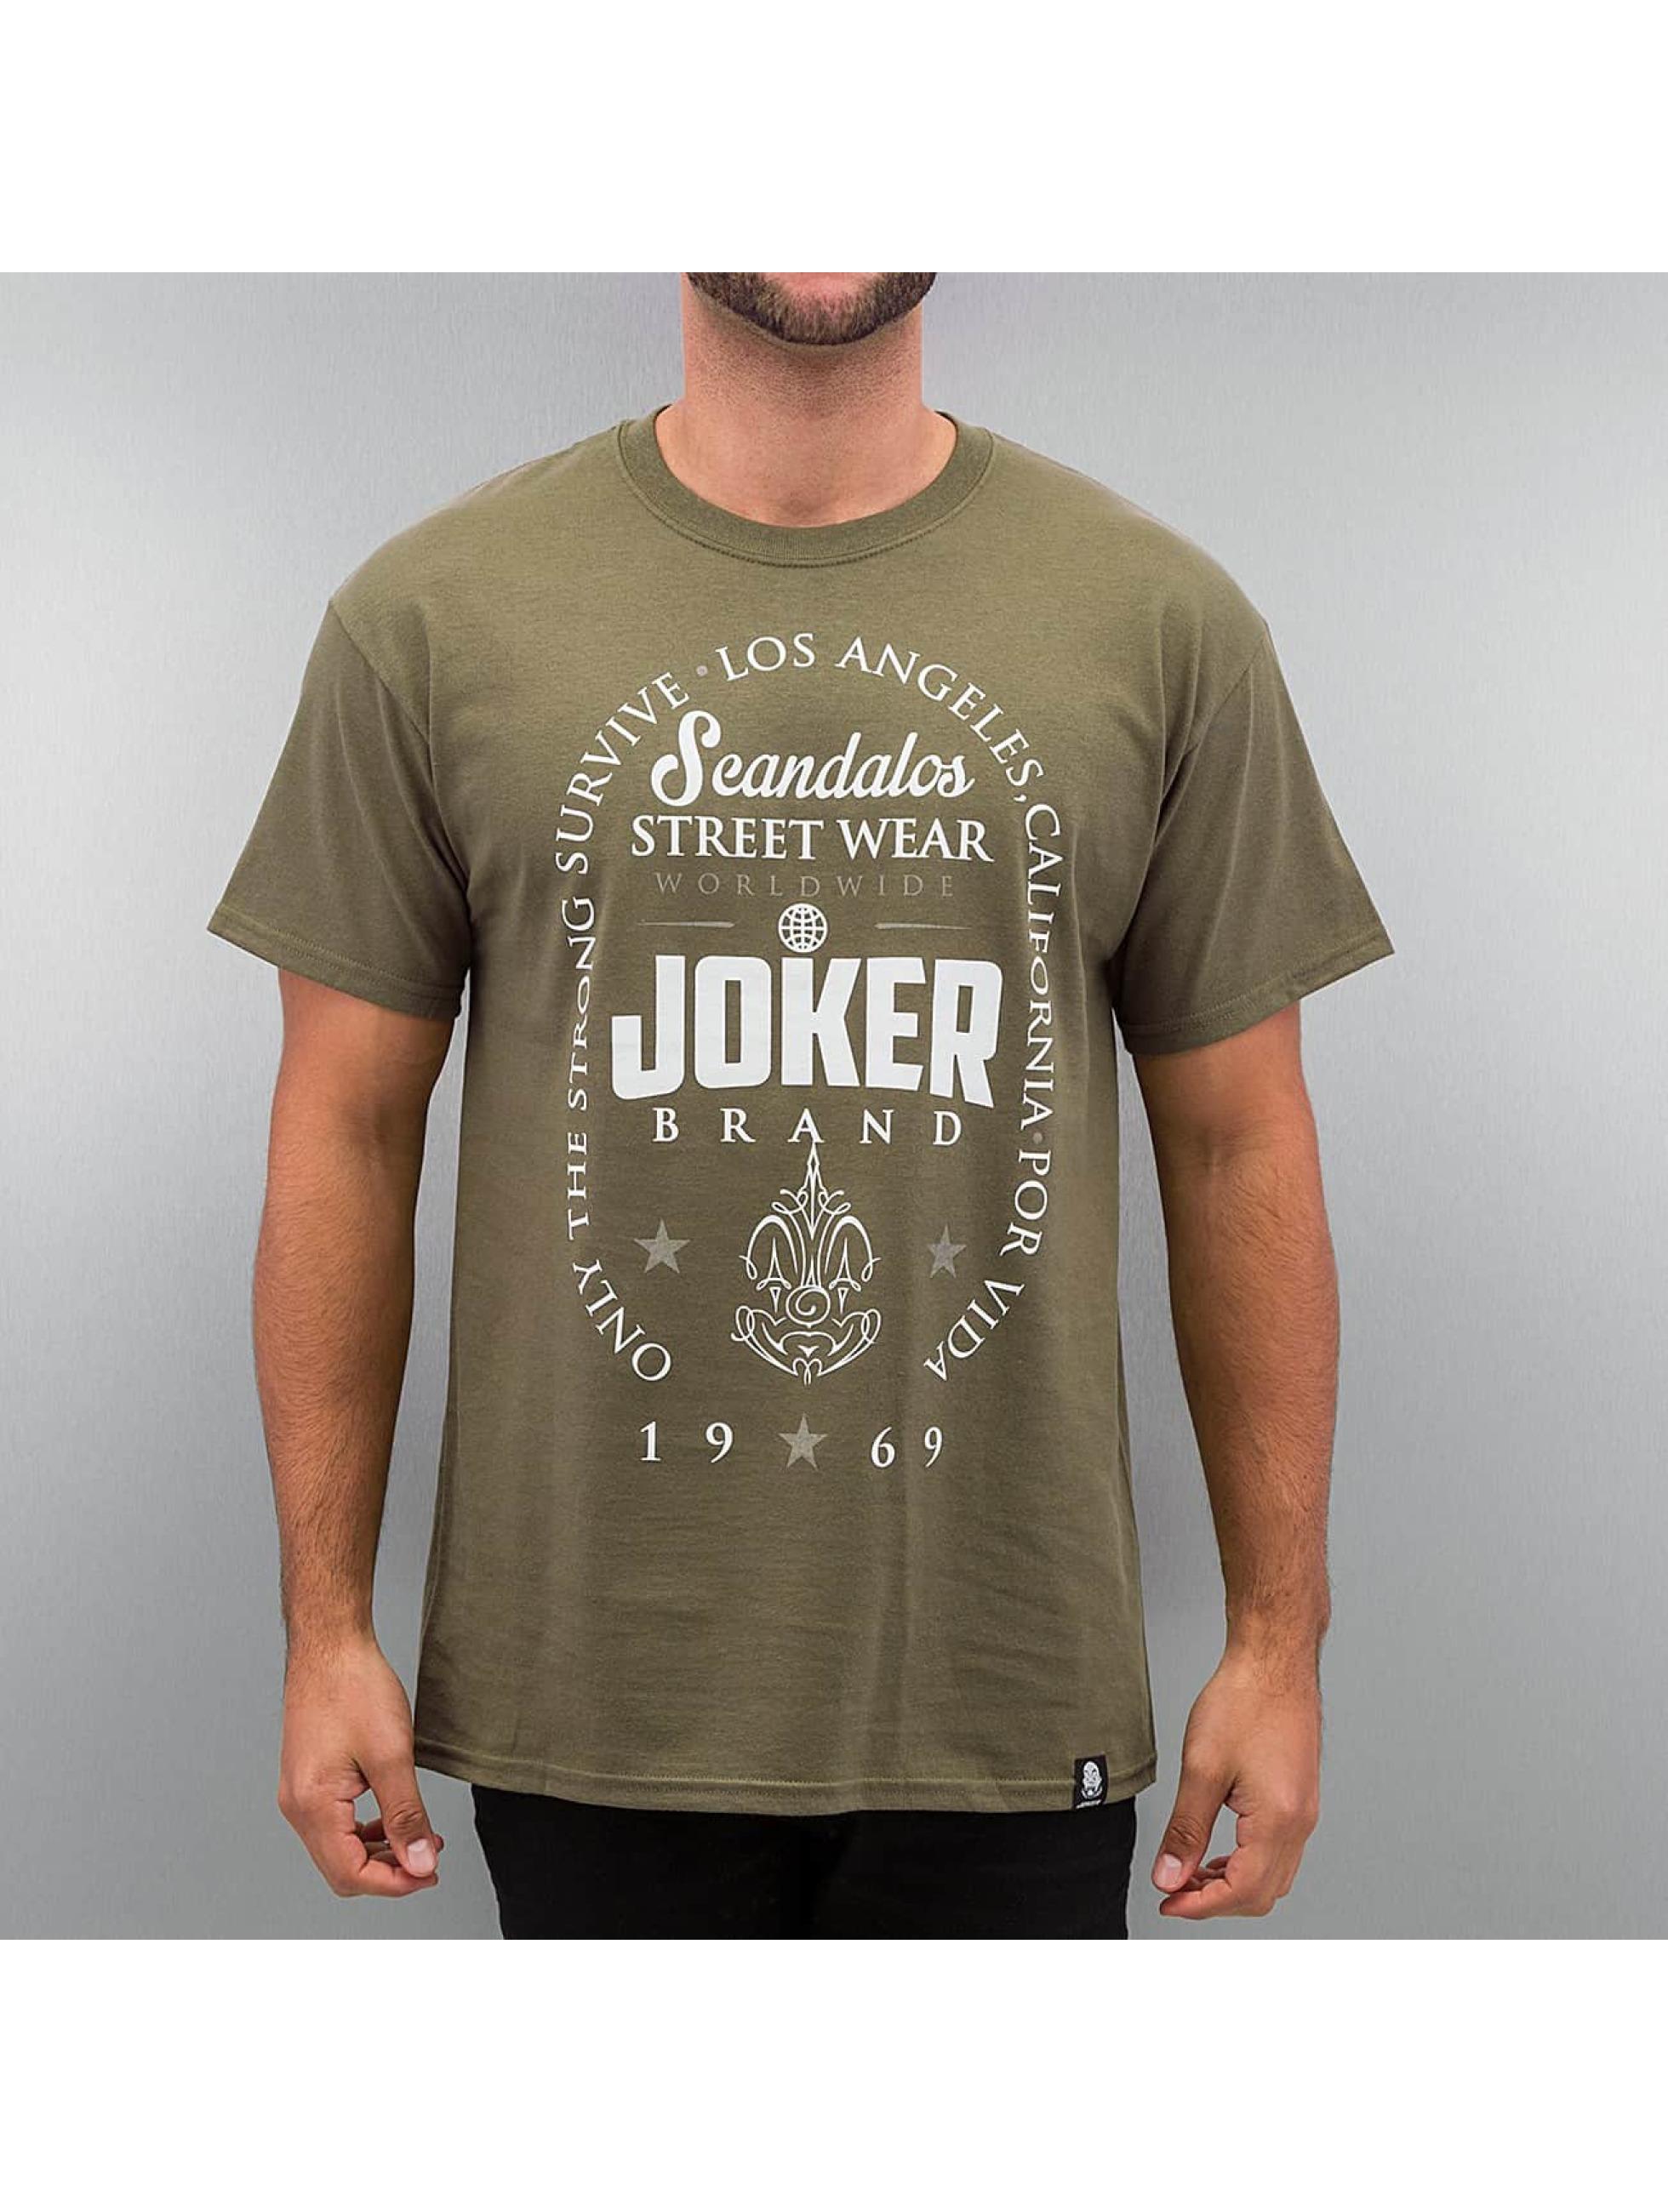 Joker T-Shirt Scandalos olive